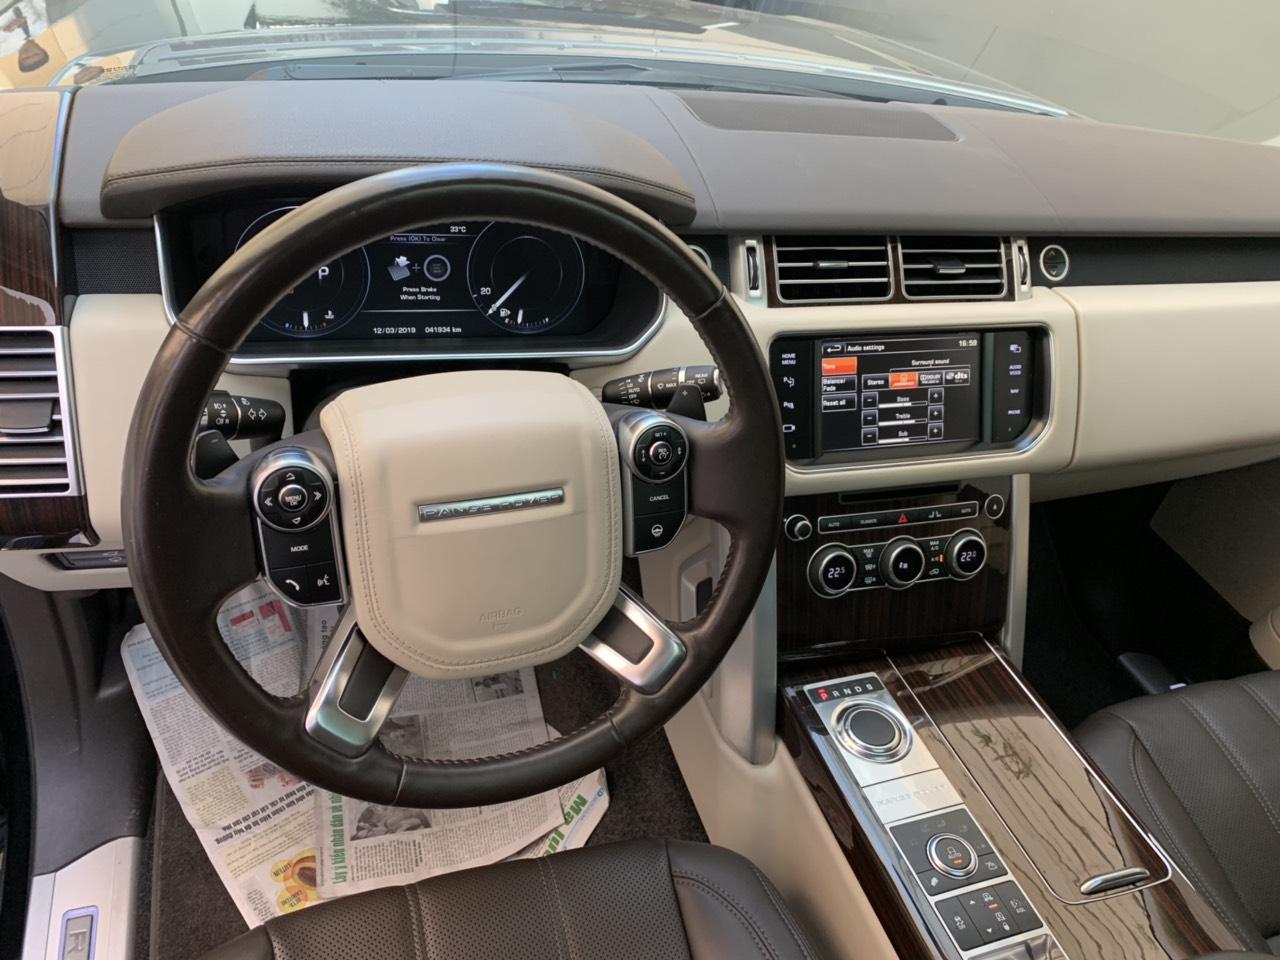 Nên Mua Xe Range Rover Đã Qua Sử Dụng Hay Đời Mới Nhất Giá Cao Hơn Gấp Đôi Xe Cũ, Xe Range Rover đi có bên không đó là điều mà nhiều người trước khi mau thắc mắc